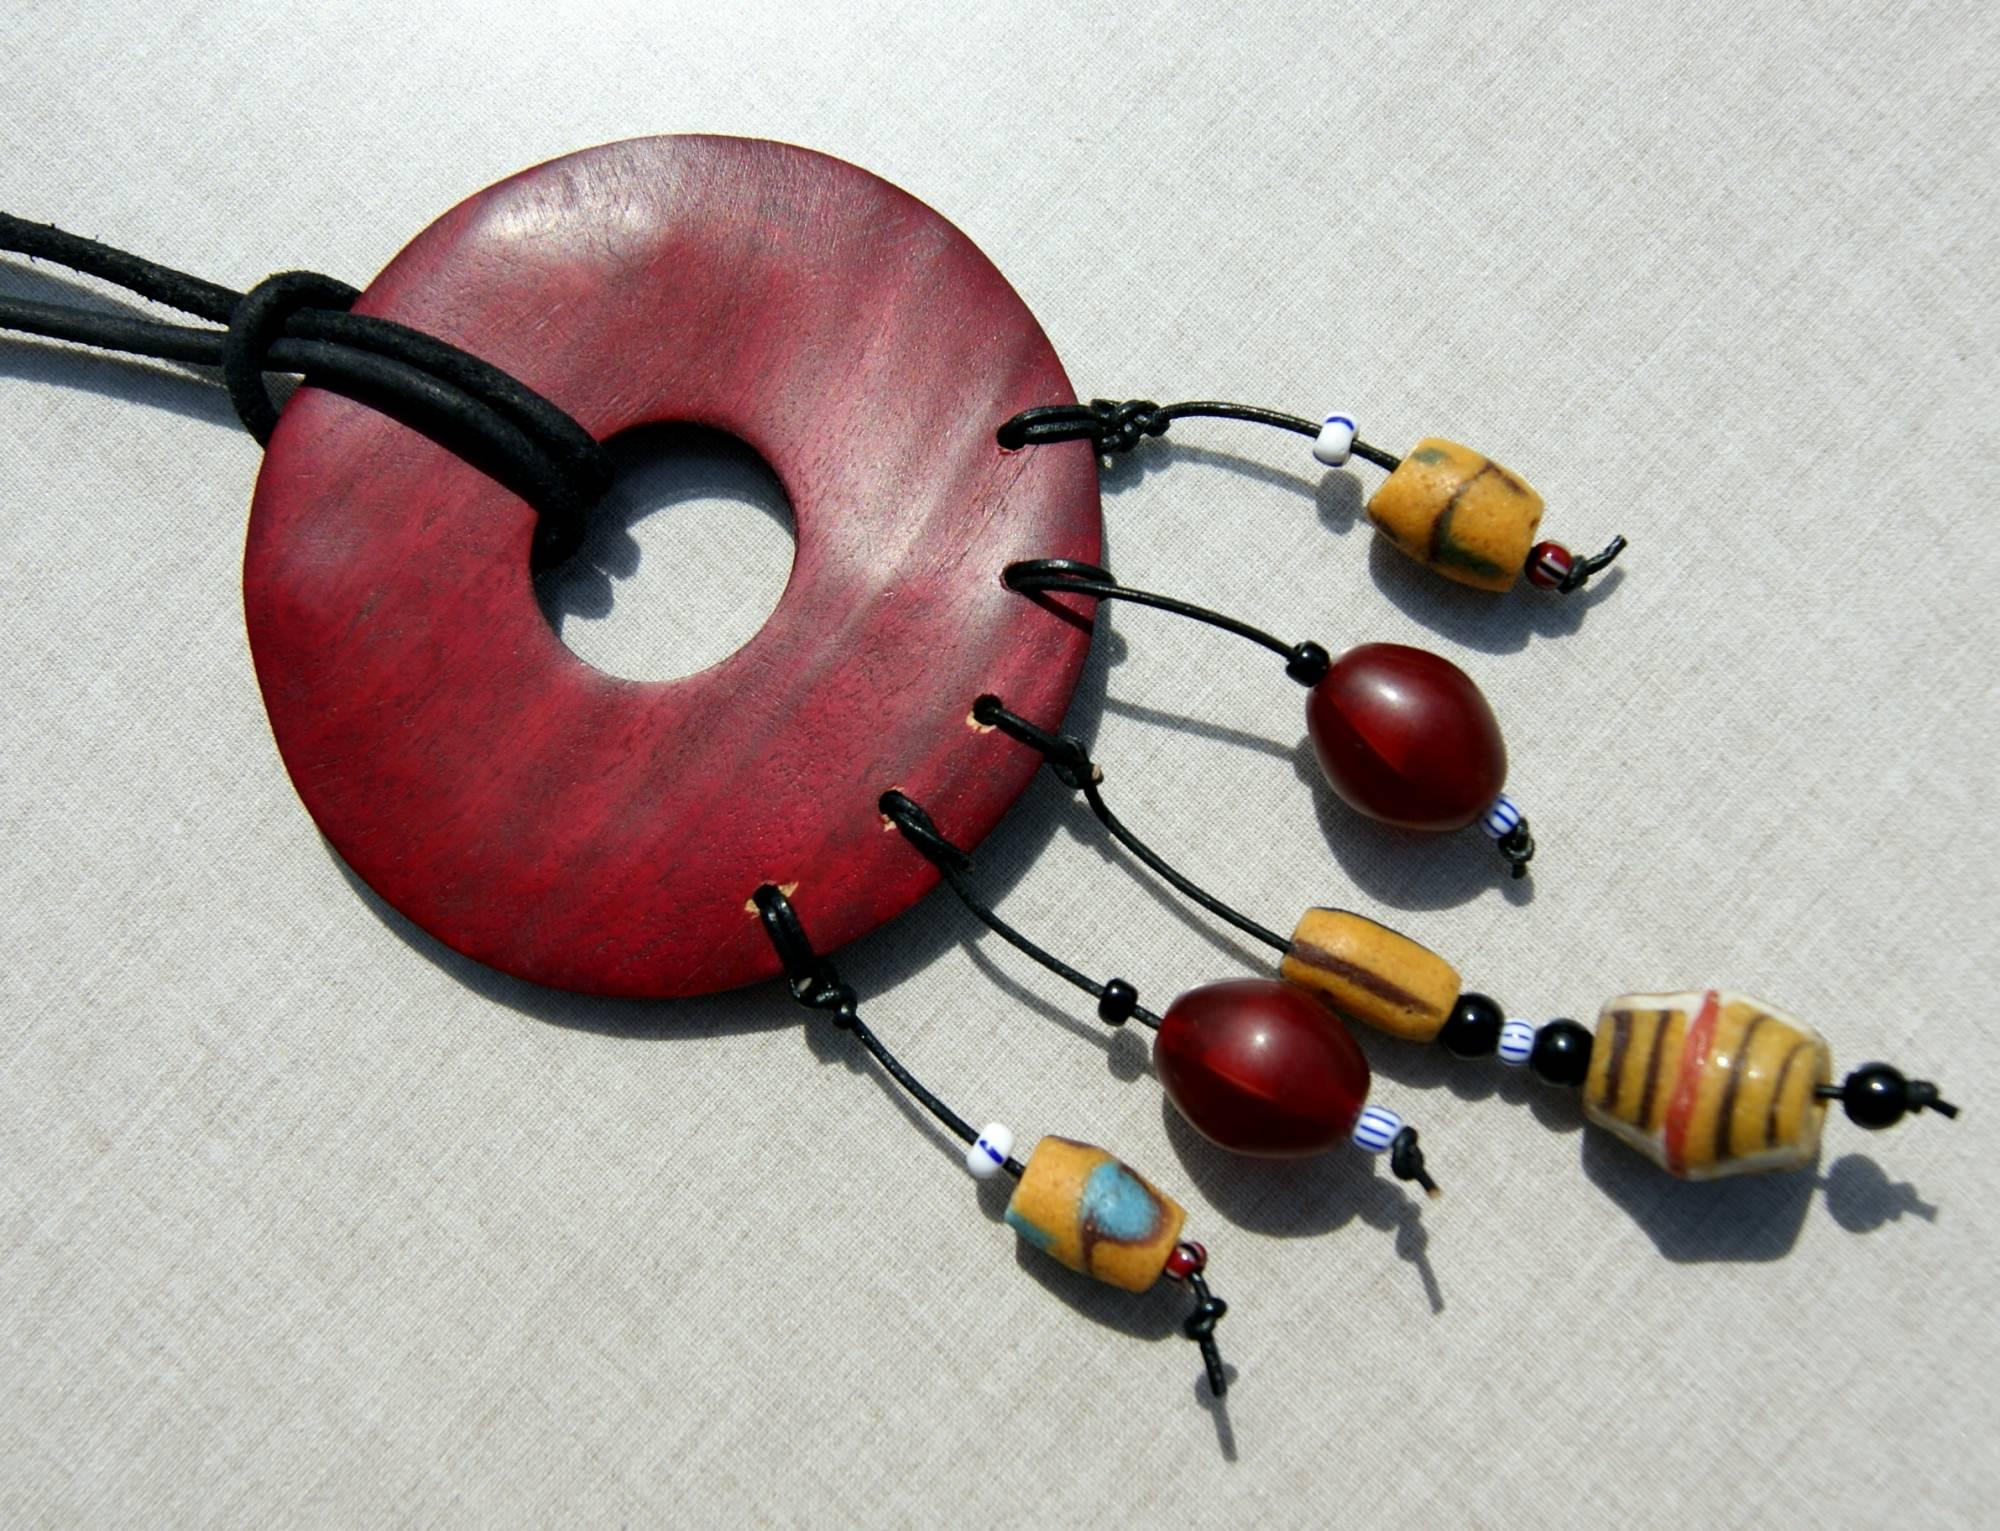 - Anhänger Donut afrikanische Perlen king beads Lederband Unikat Krobo Holz exotisch ausgefallen - Anhänger Donut afrikanische Perlen king beads Lederband Unikat Krobo Holz exotisch ausgefallen